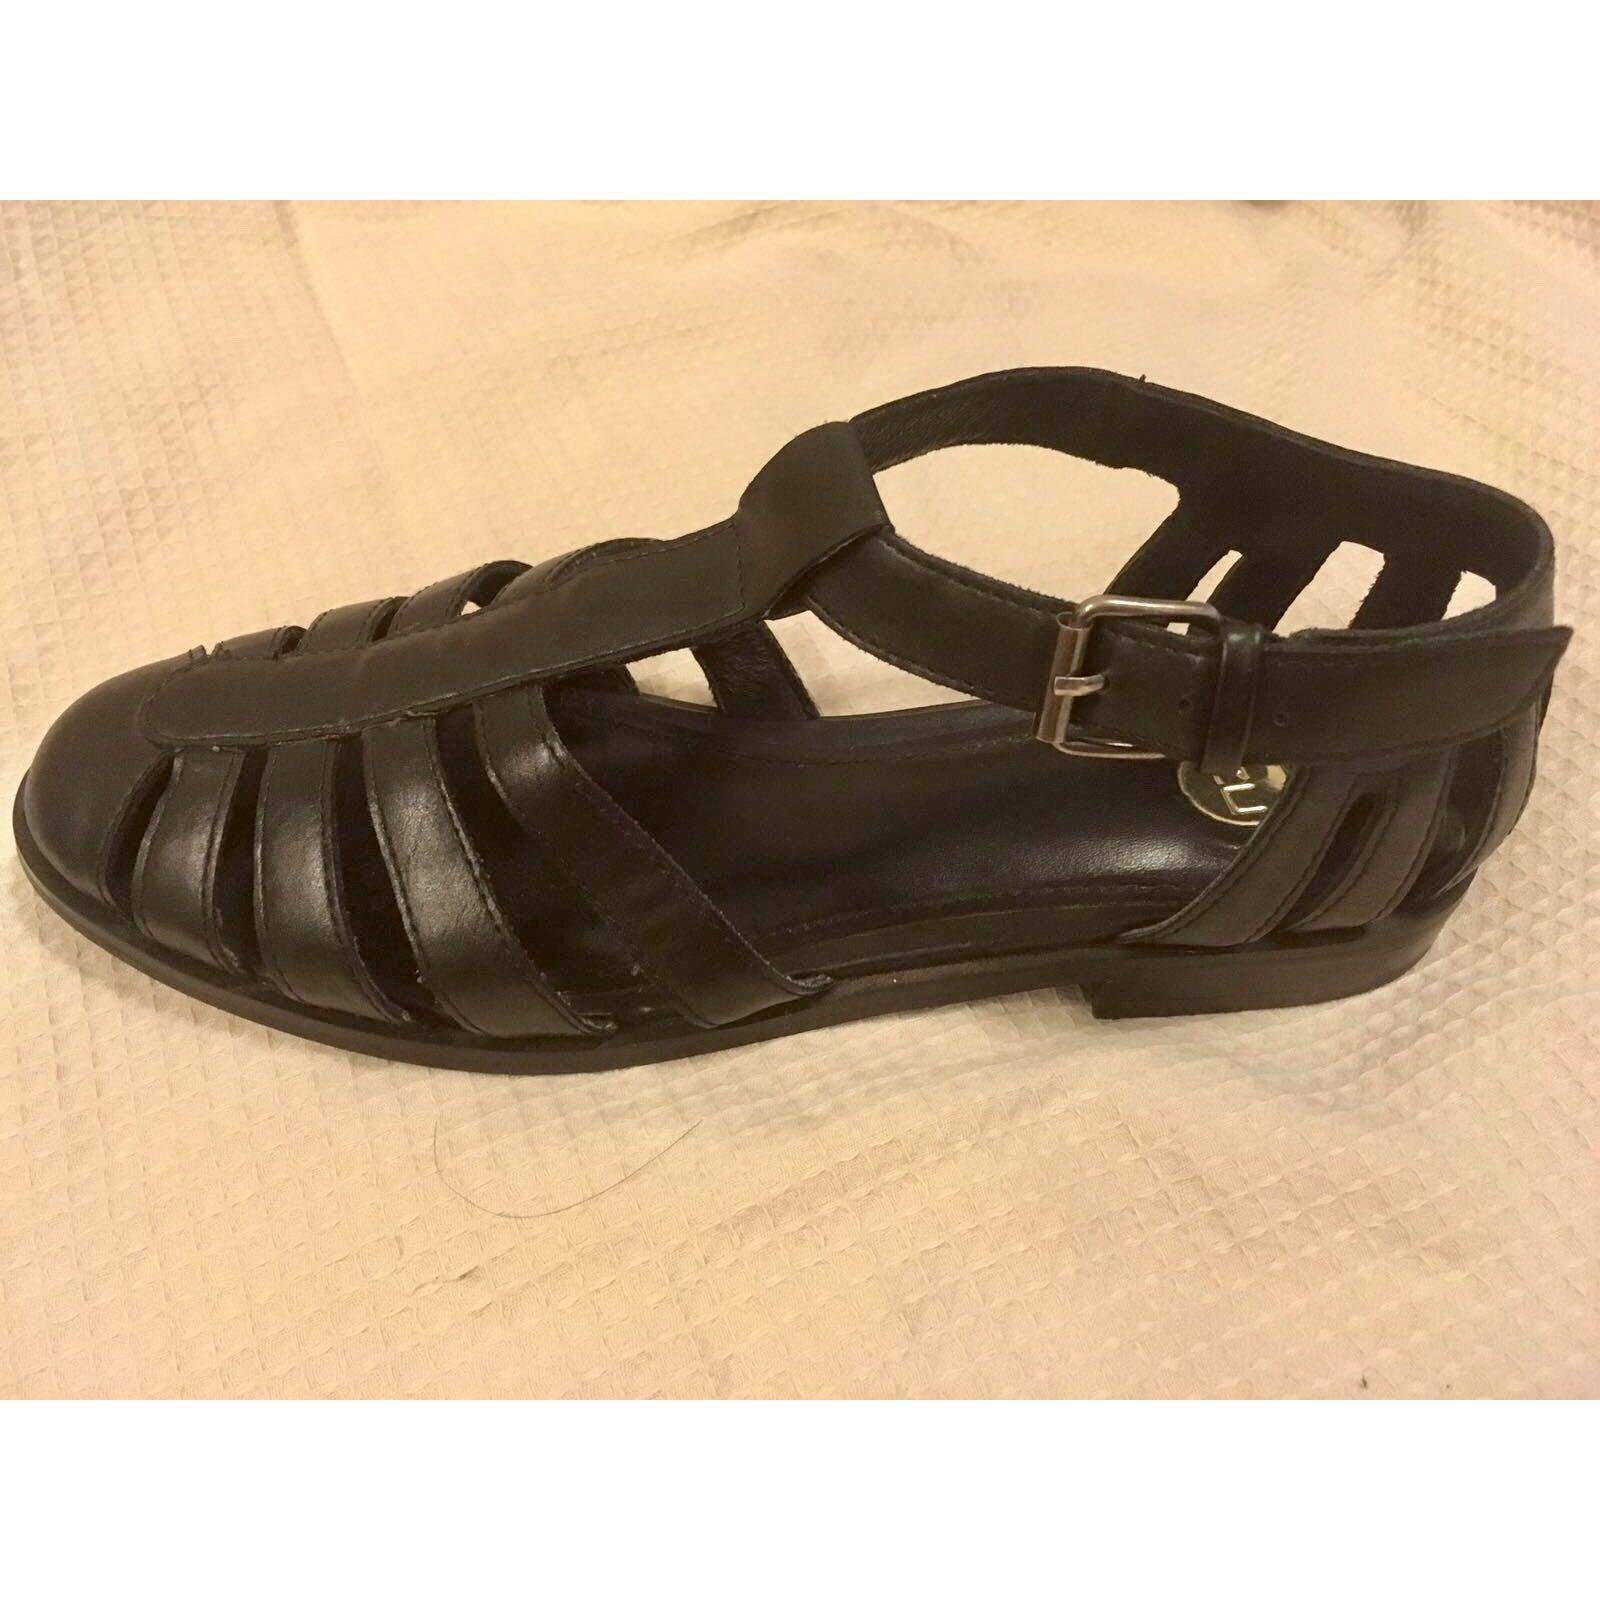 BNWOT Zu Aston Black Sandal